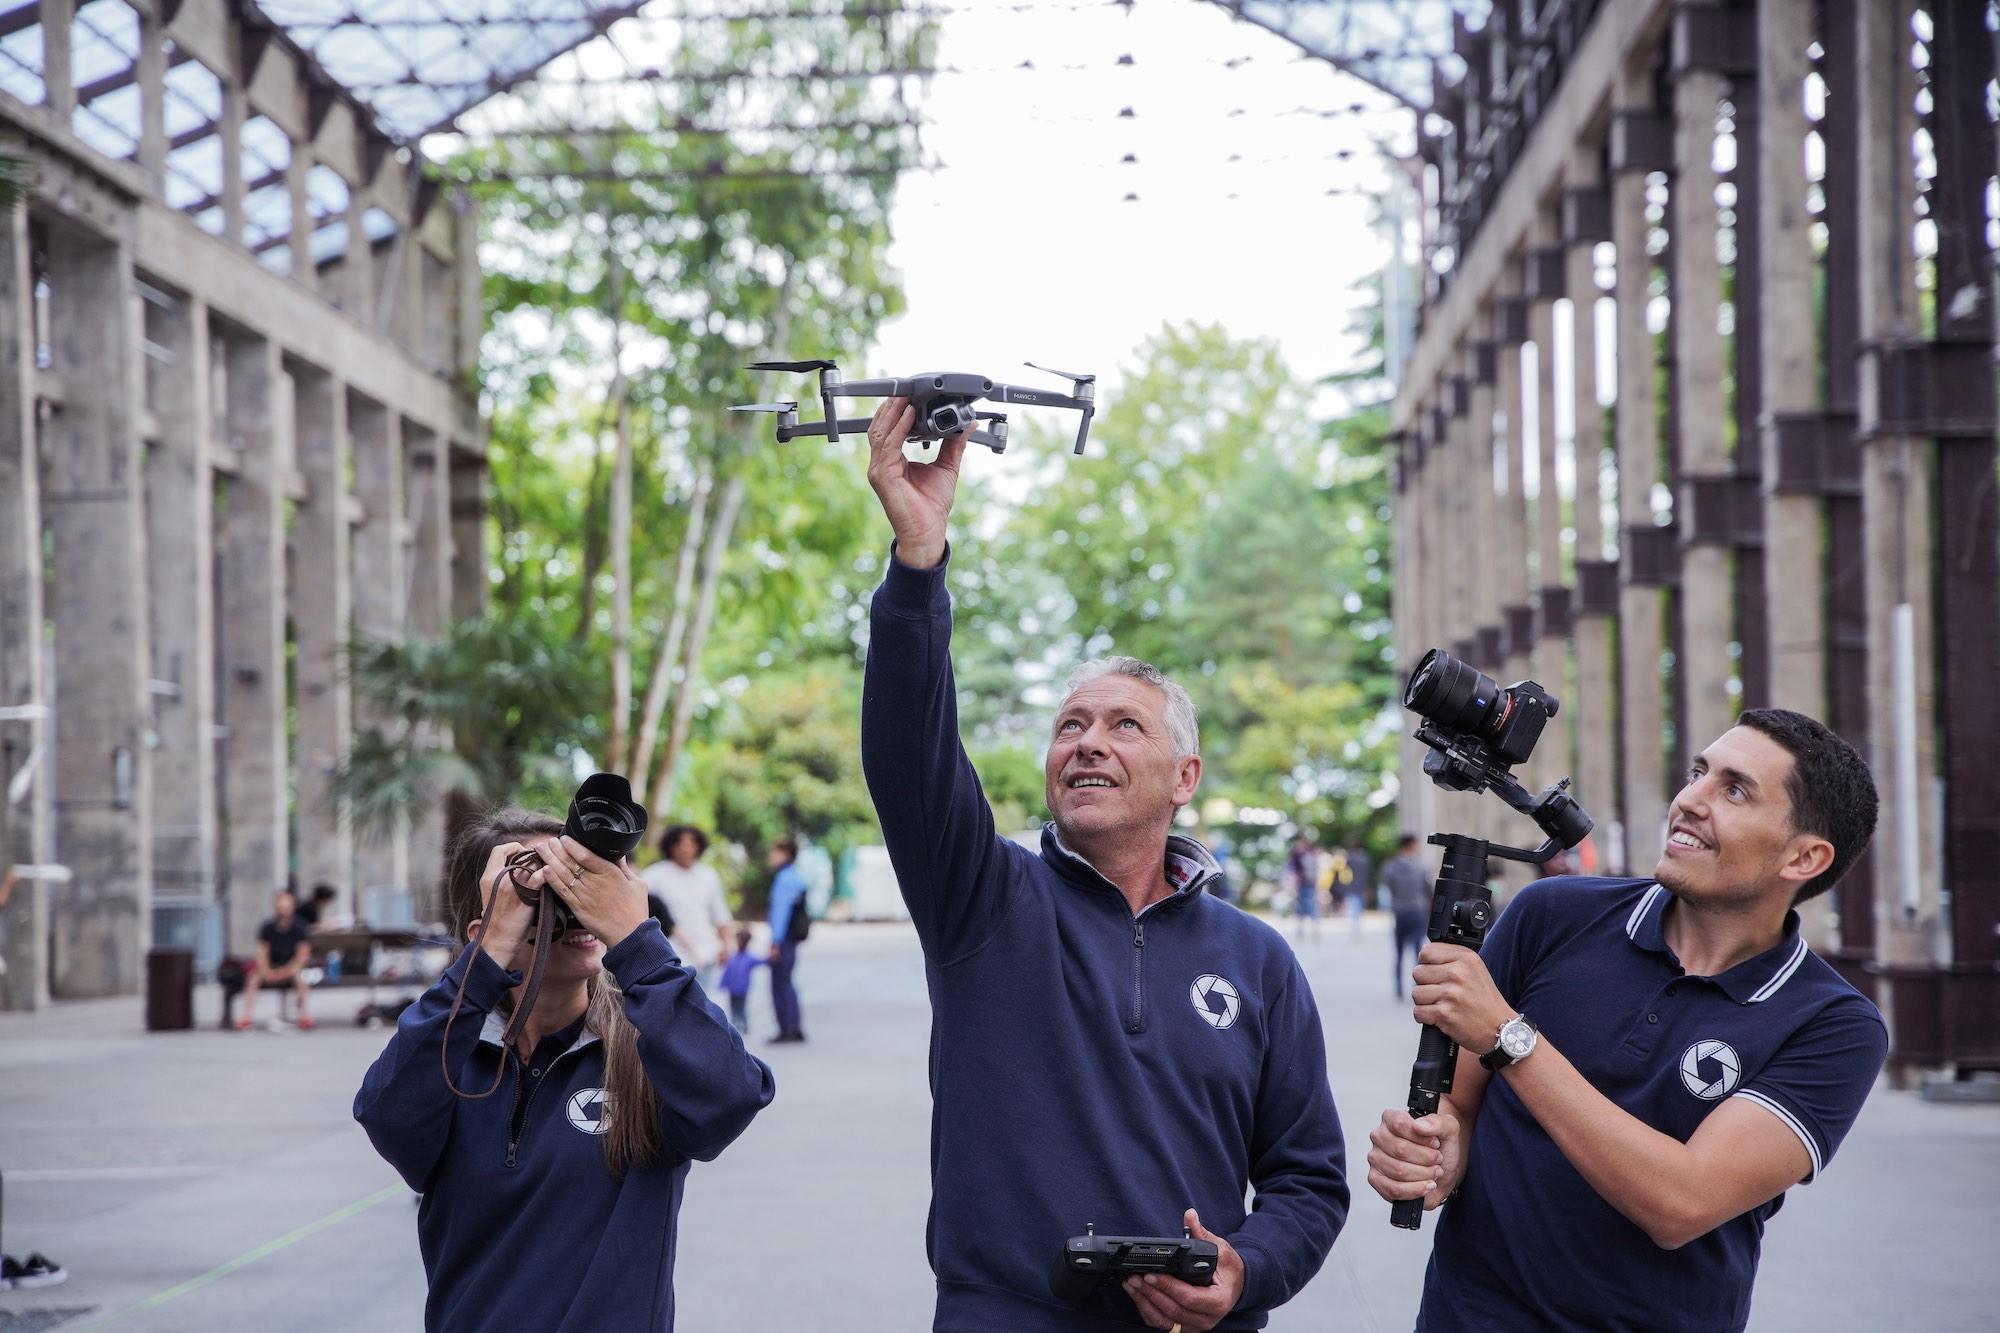 société de production vidéo nantes réalisateur de films d'entrepris vidéo de mariage photographie de mariage prises de vues par drone